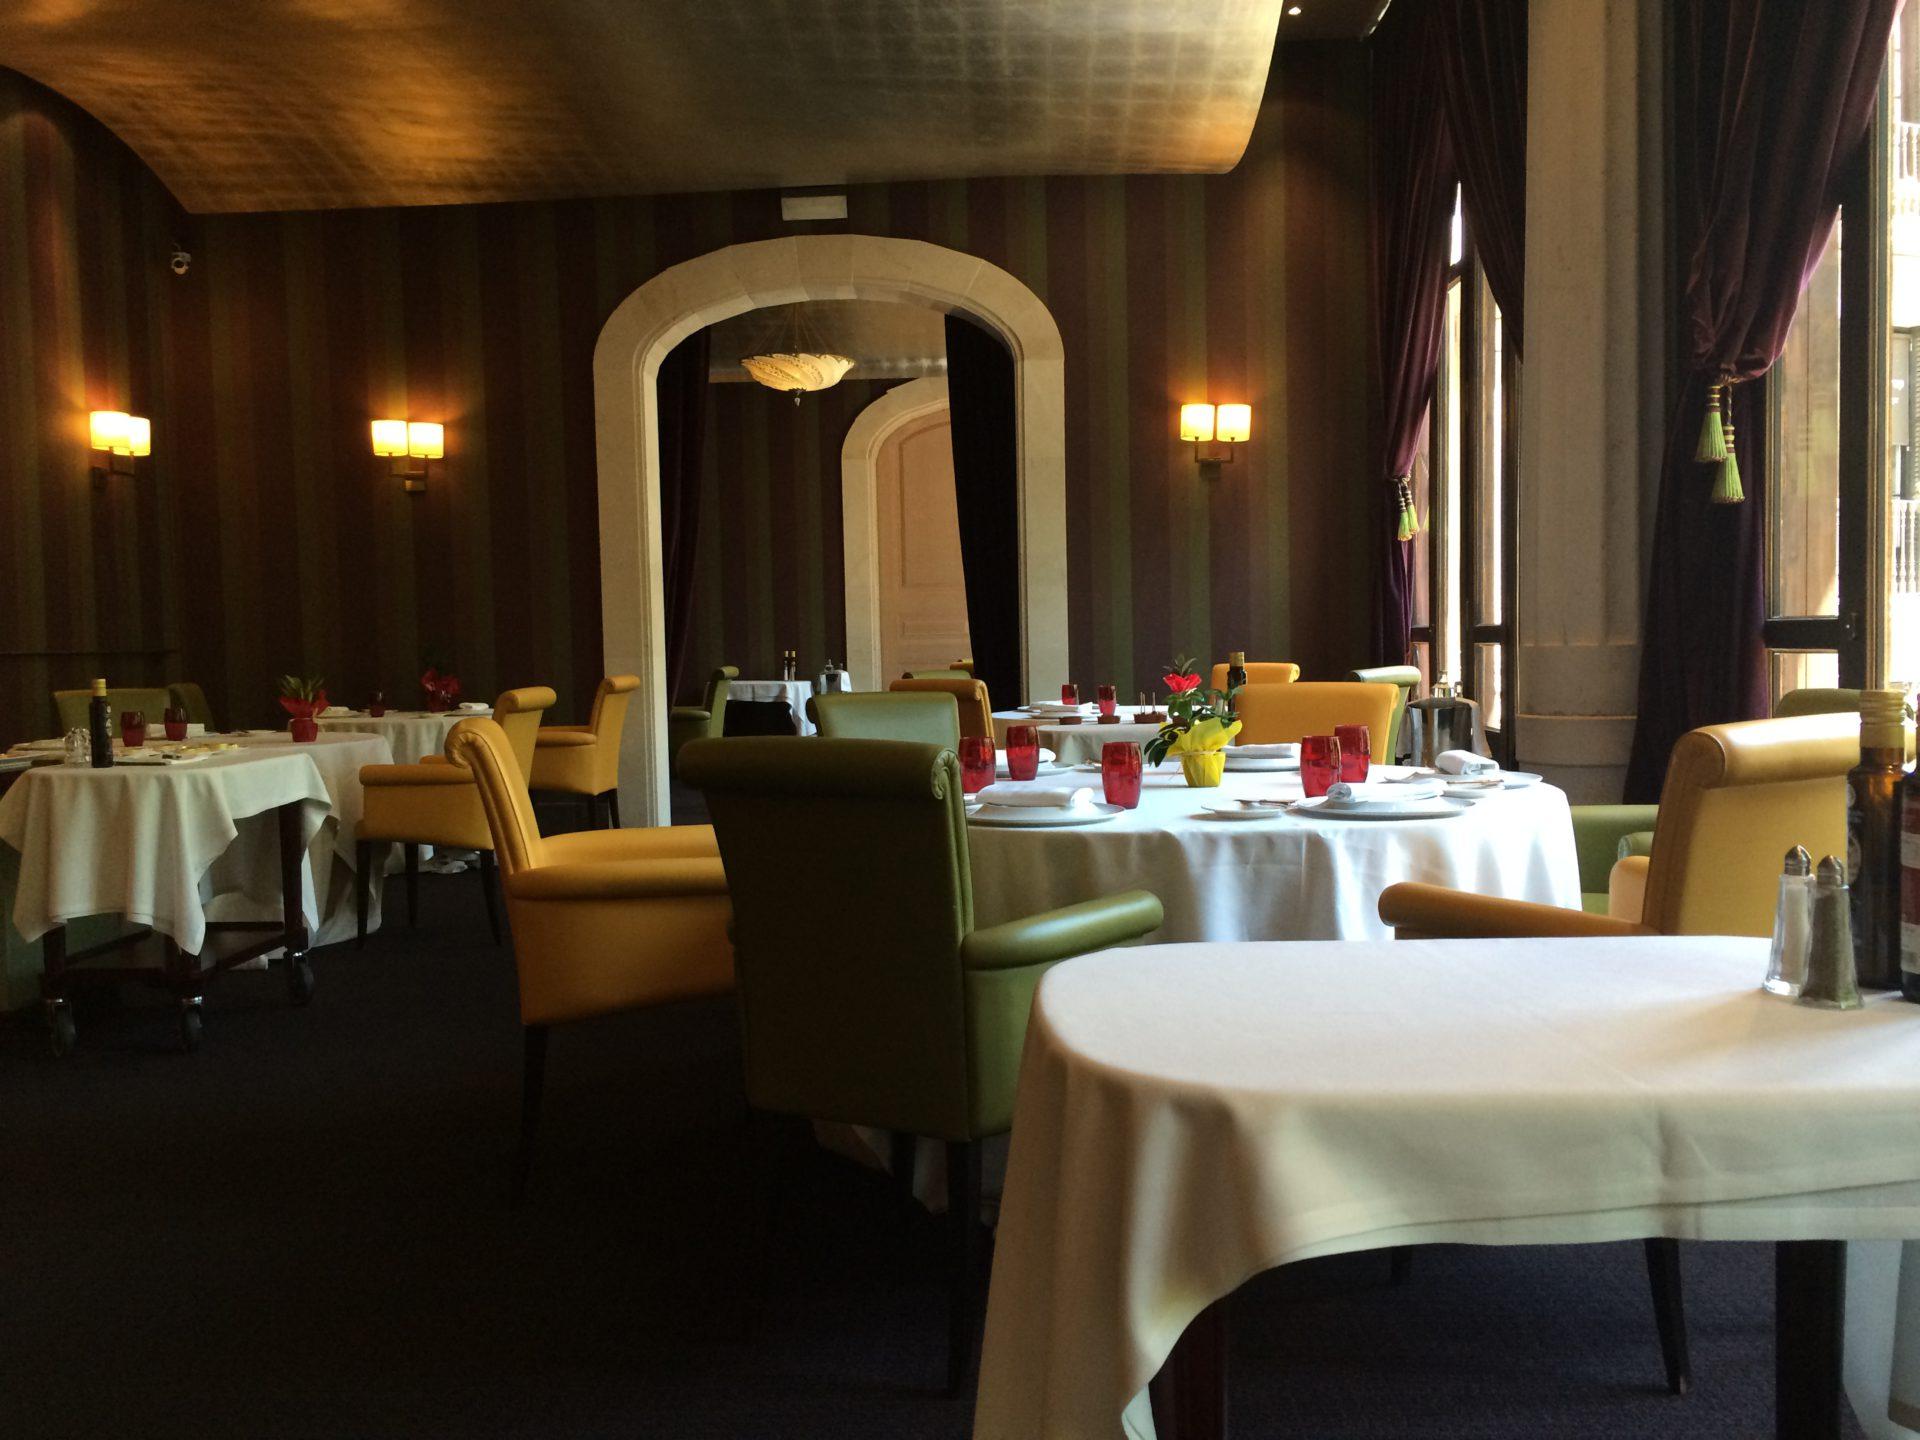 Restaurante galax en el hotel casa fuster barcelona eva ballarin - Restaurante casa fuster barcelona ...